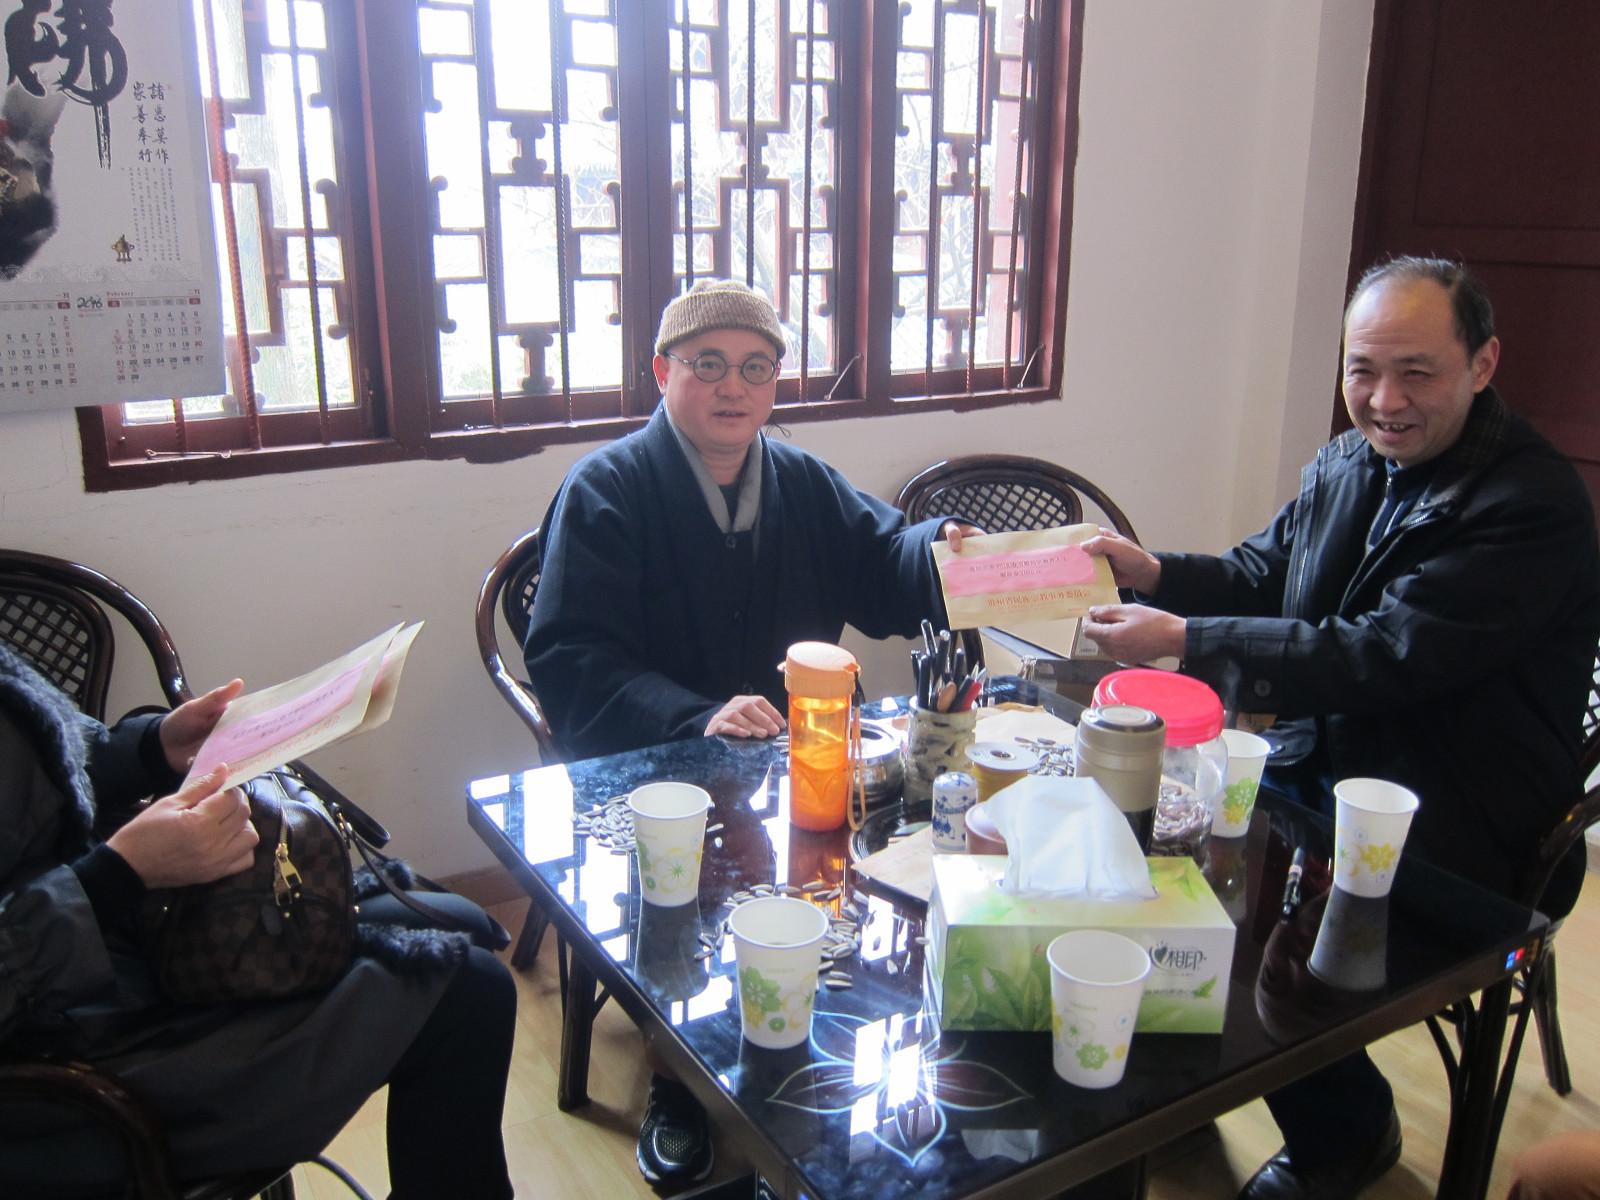 贵州省民宗委领导走访慰问佛道教在筑人士